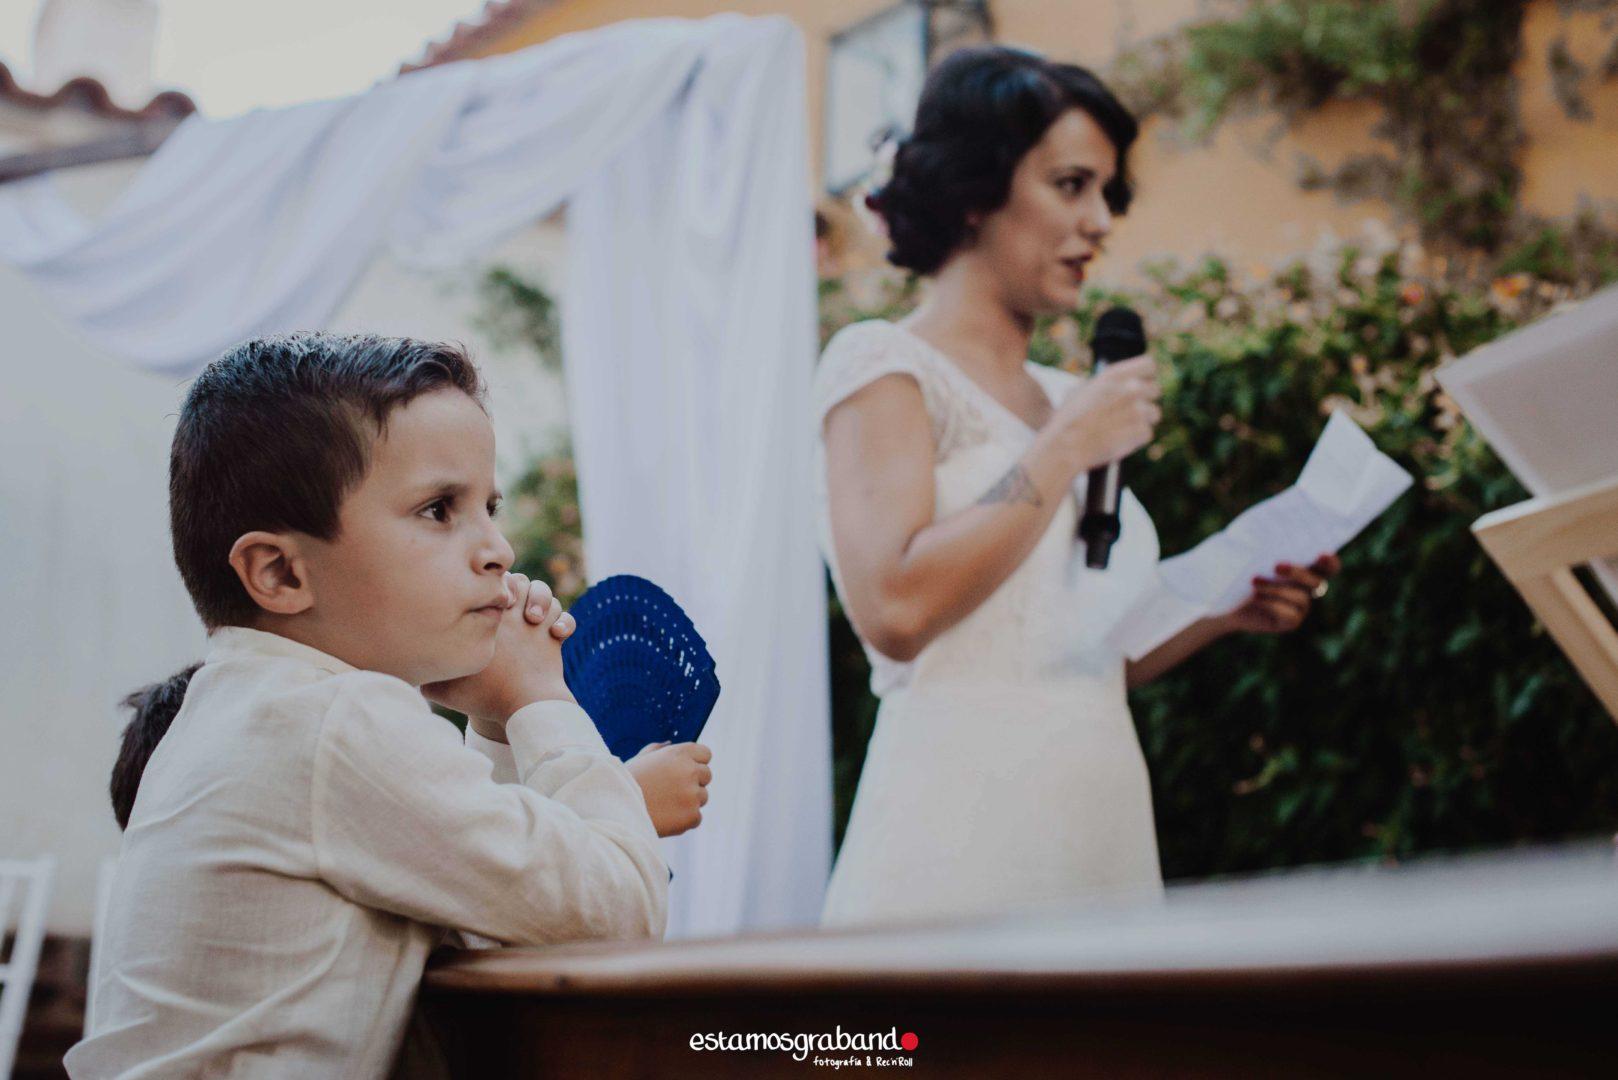 J_C-69-1618x1080 Julián & Cecilia _ Fotografía  de Boda (Ciudad Real) - video boda cadiz